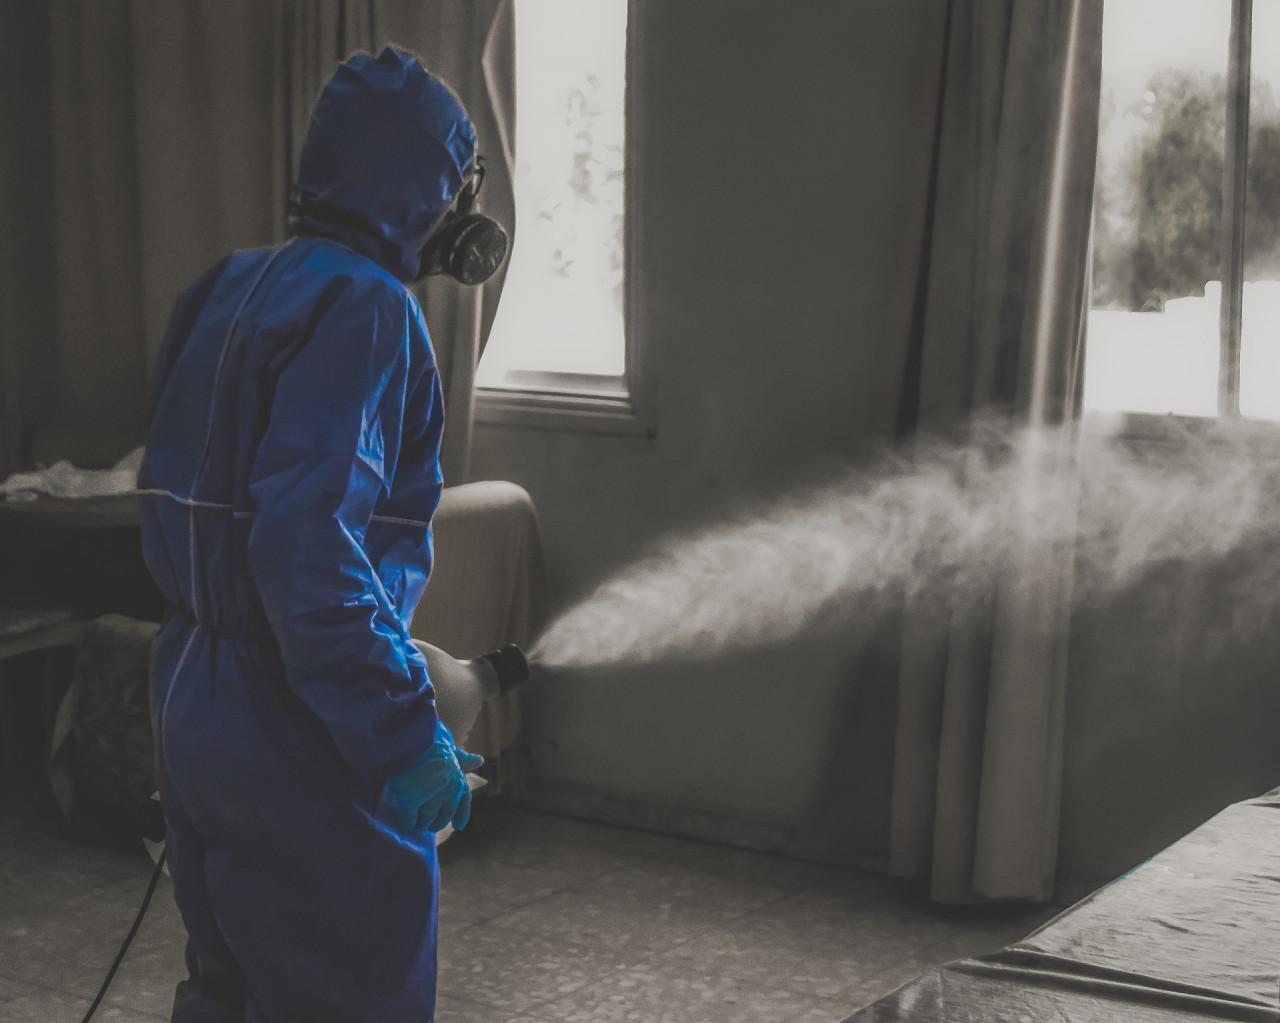 Un locataire peut-il être facturé pour la désinfection de son logement en raison du Covid-19 ?